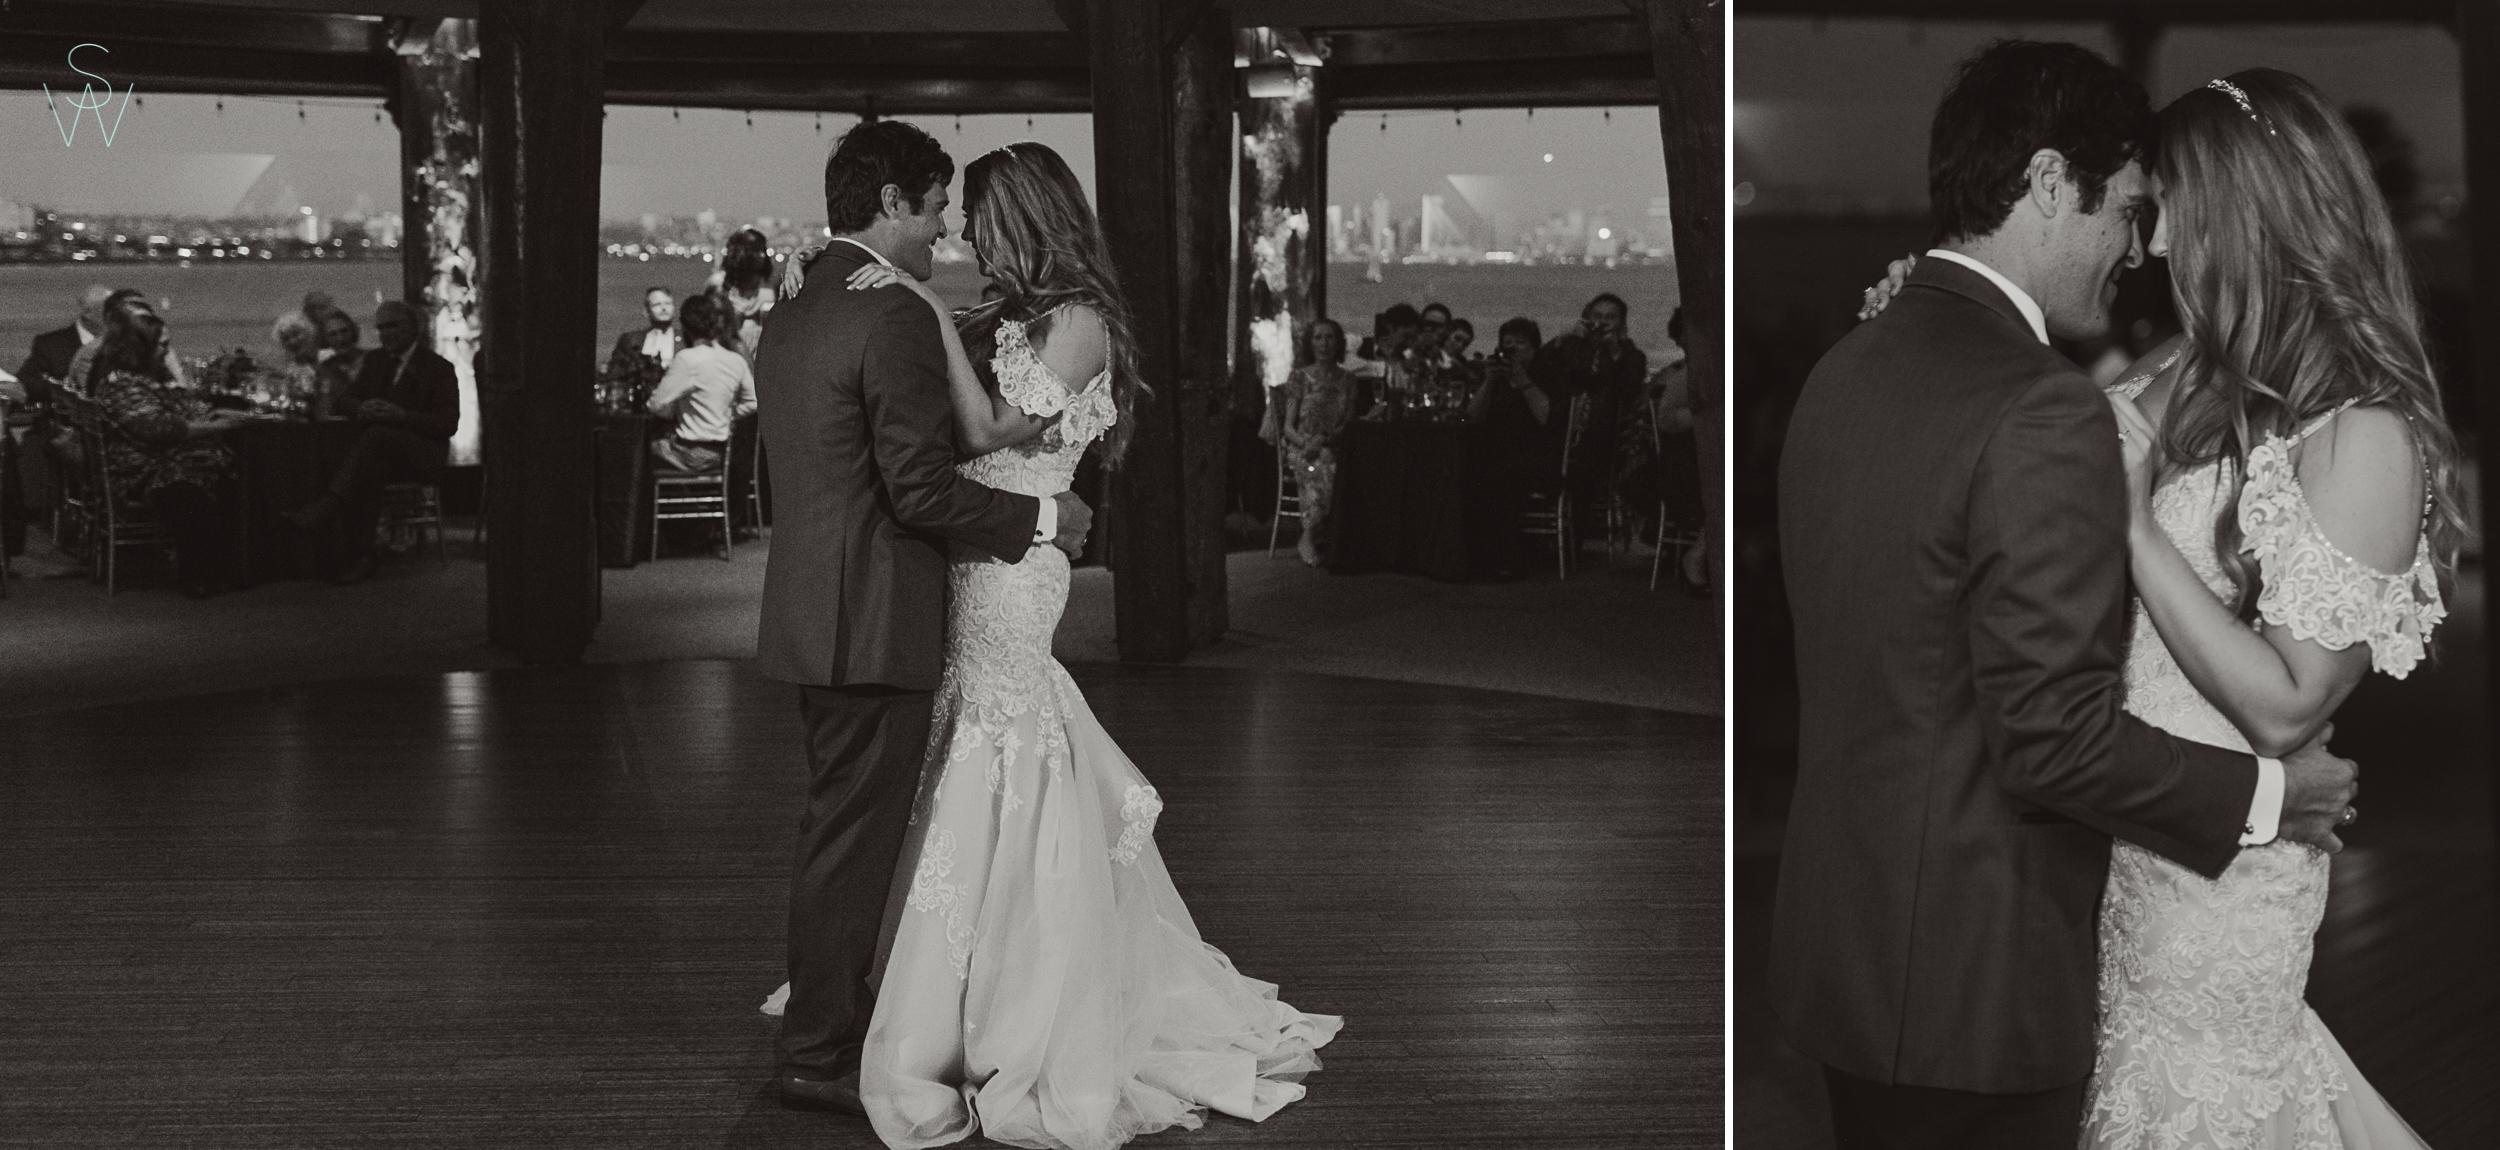 185San.diego.wedding.shewanders.photography.JPG